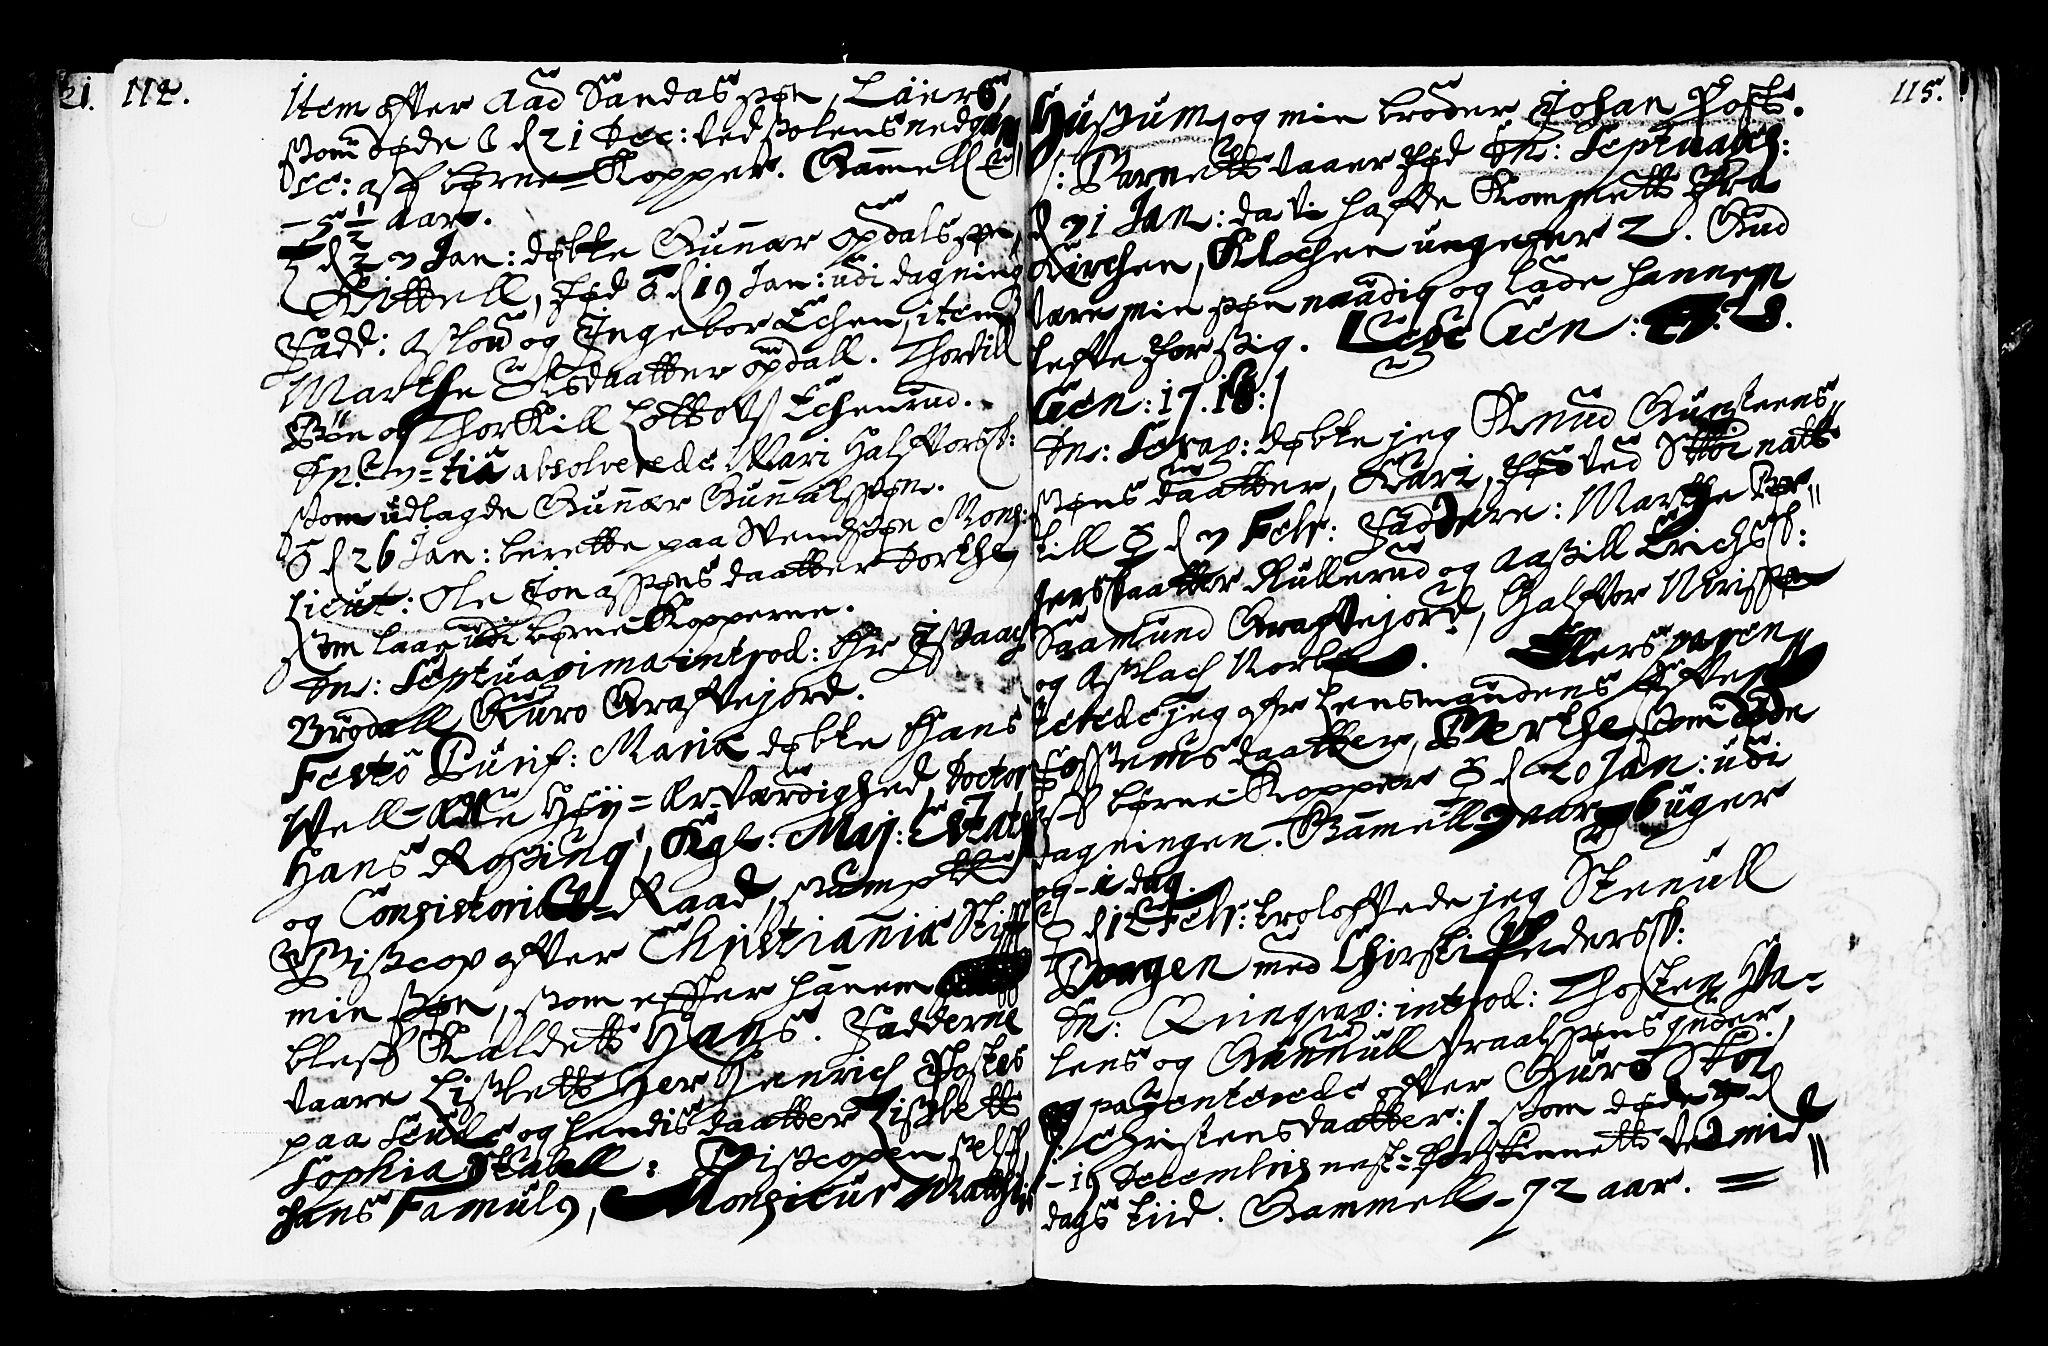 SAKO, Bø kirkebøker, F/Fa/L0001: Ministerialbok nr. 1, 1689-1699, s. 114-115